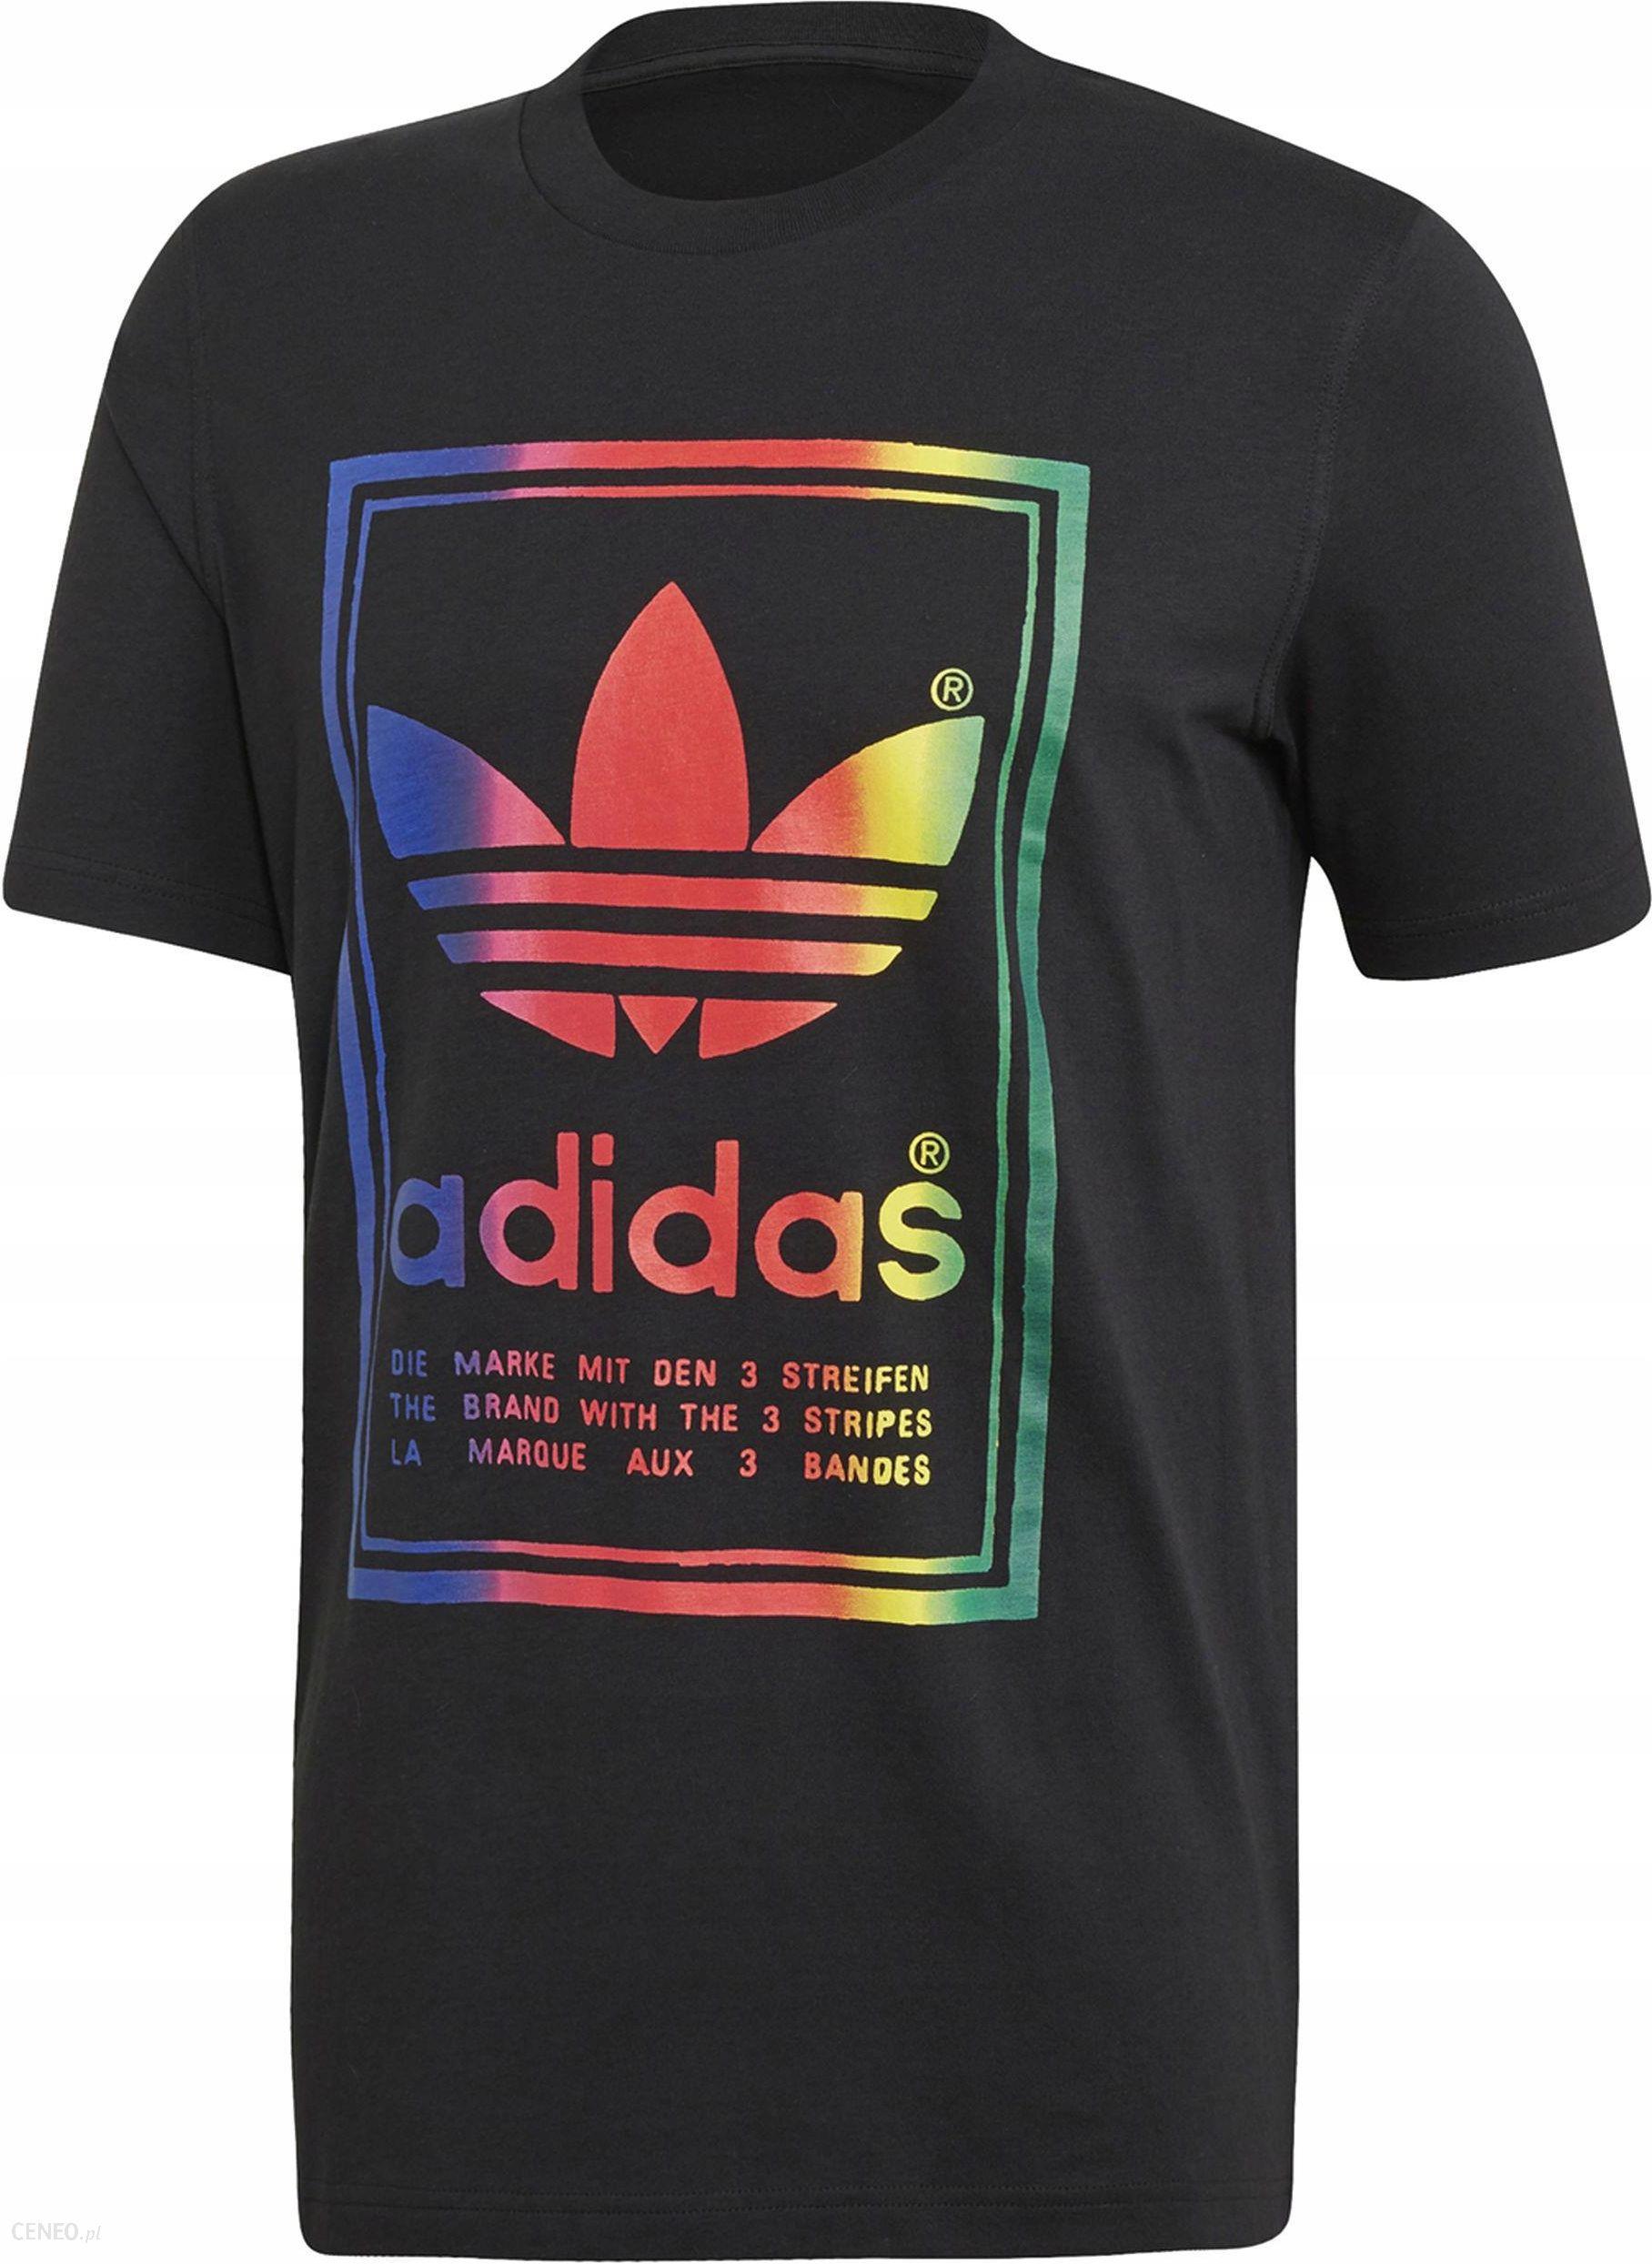 najwyższa jakość odebrane za kilka dni Koszulka Adidas Męska Vintage ED6917 Czarna R. L - Ceny i opinie - Ceneo.pl